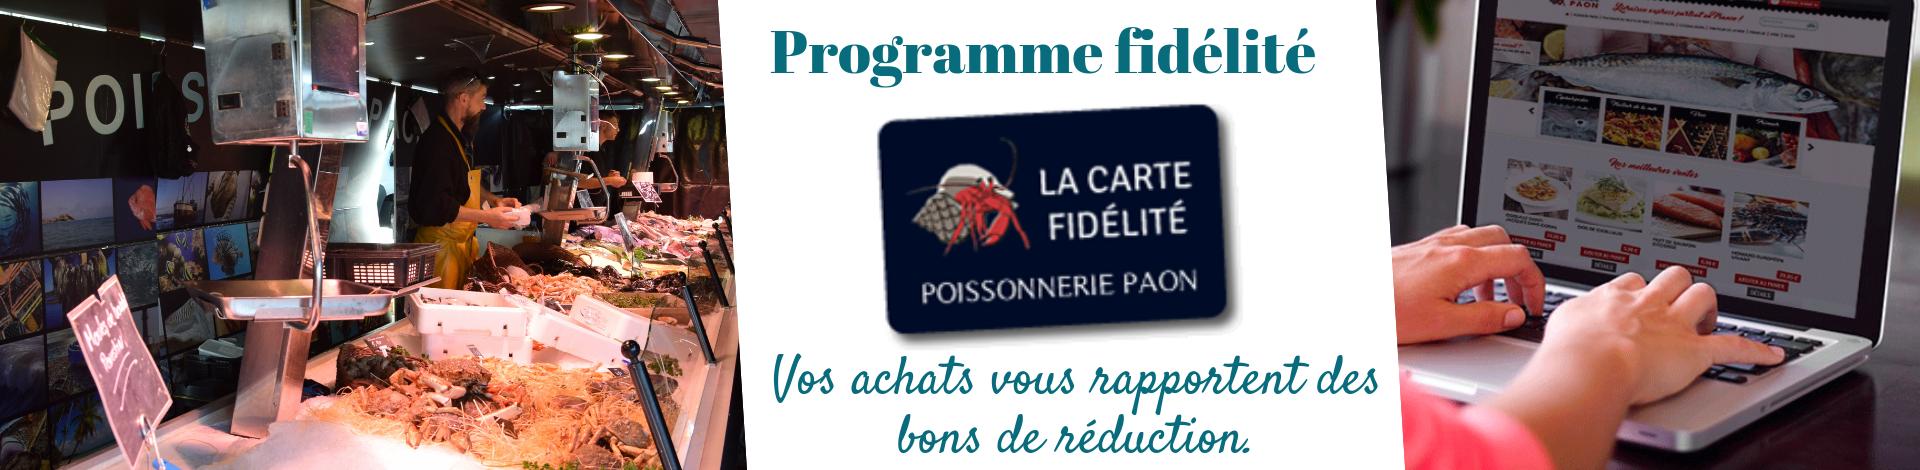 Programme fidélité poissonnerie paon